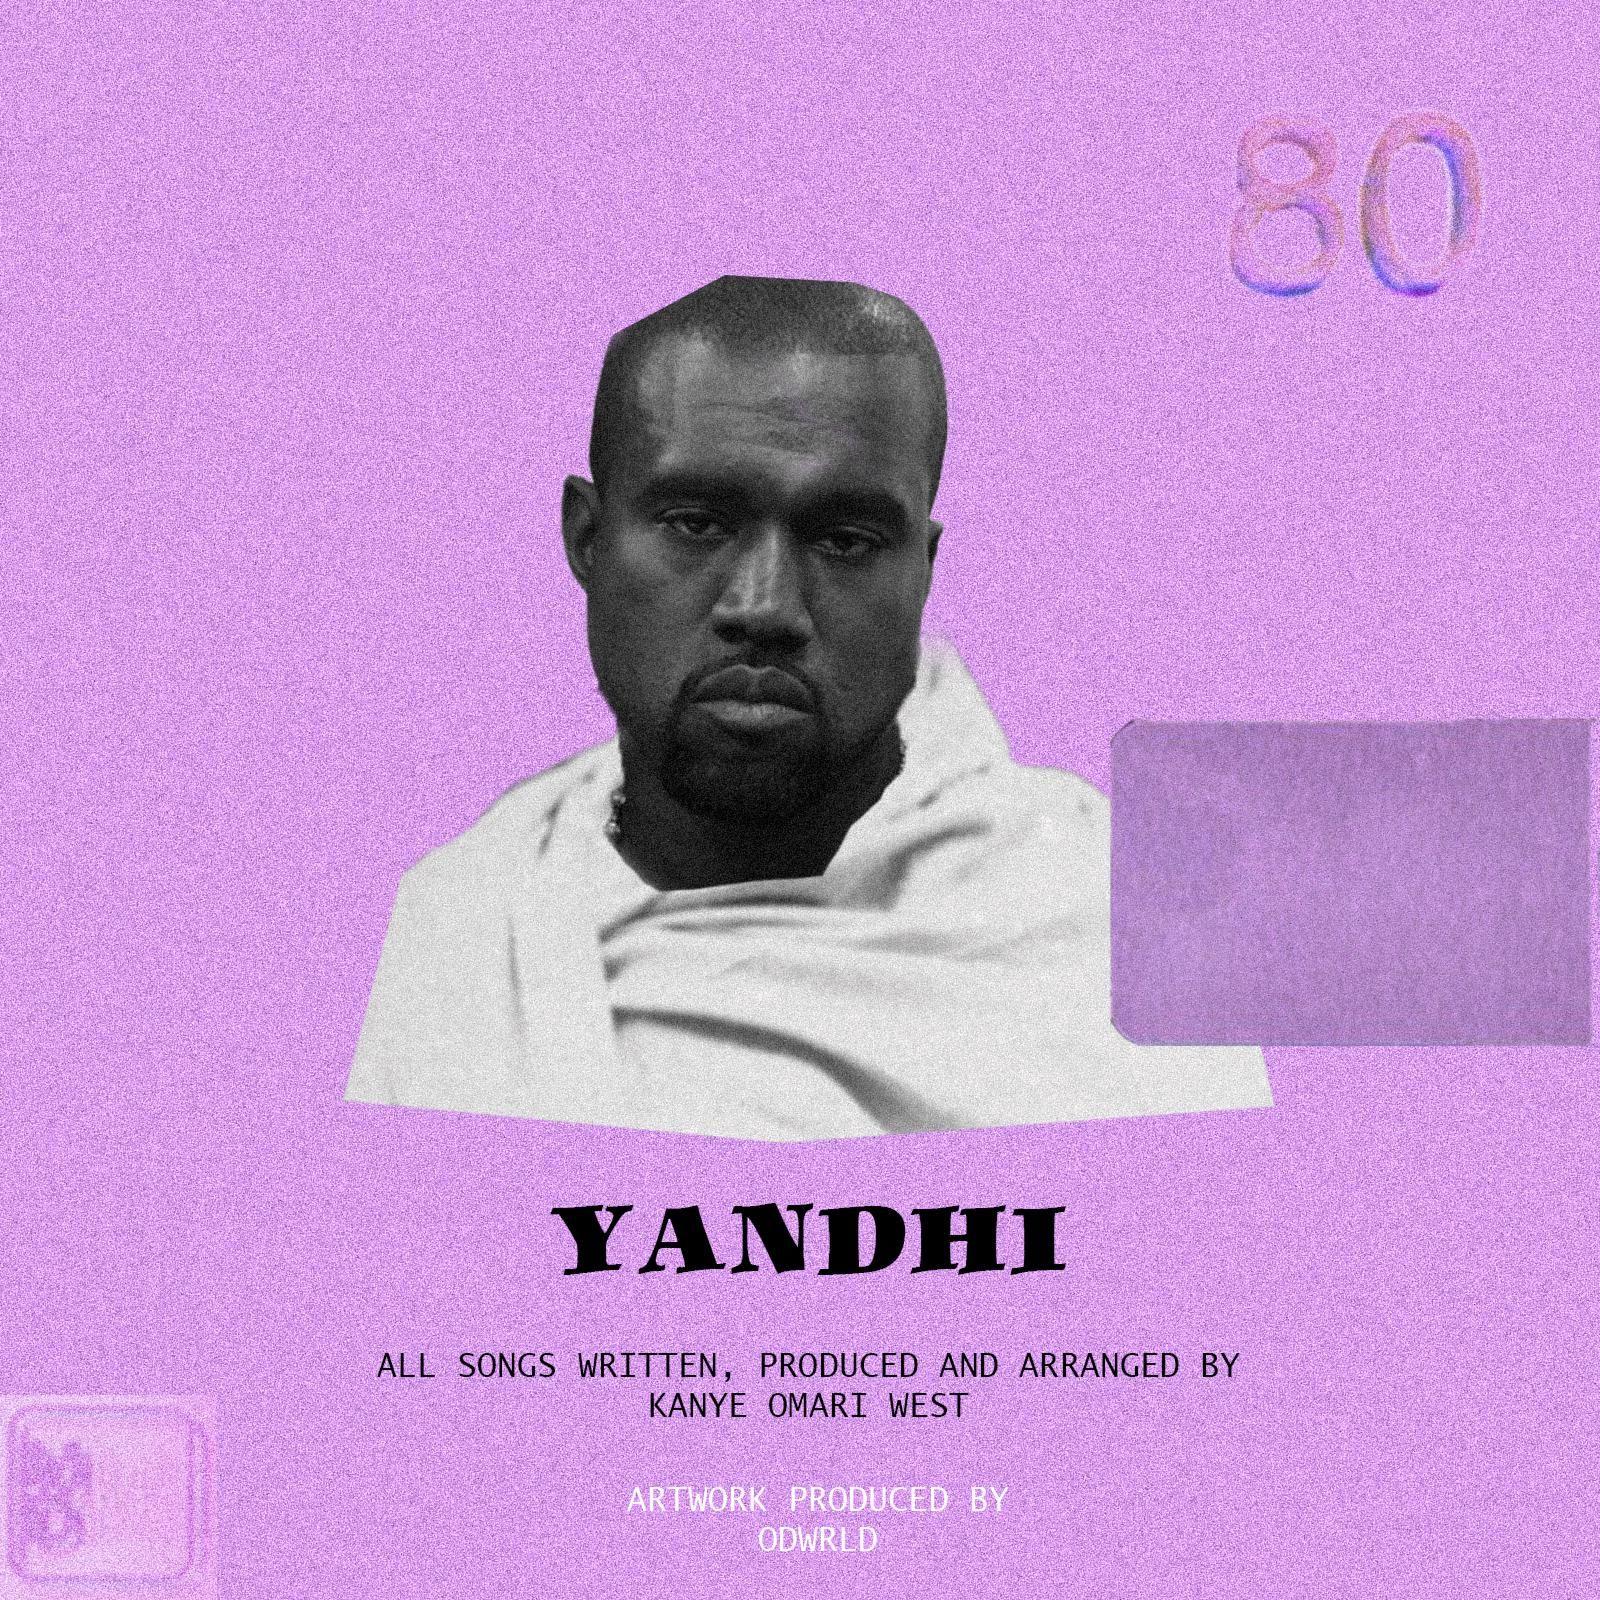 Kanye West Yandhi In The Style Of Igor Kanye West Songs Kanye West Kanye